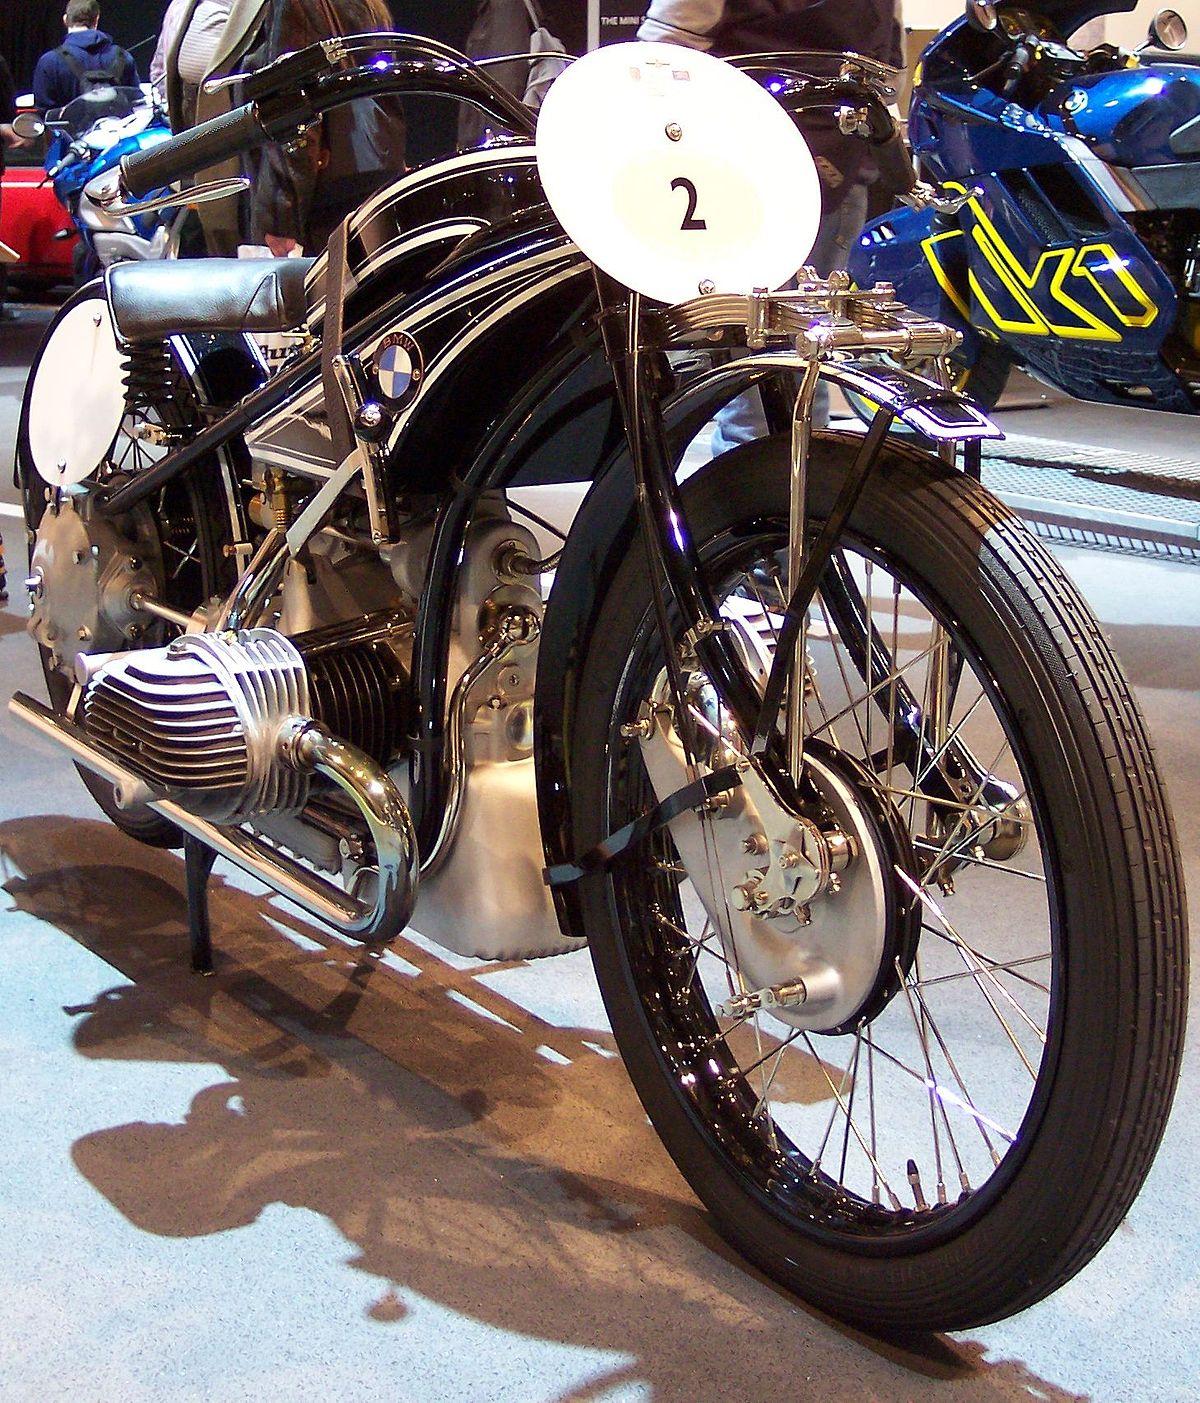 BMW WR 750 Wikipedia